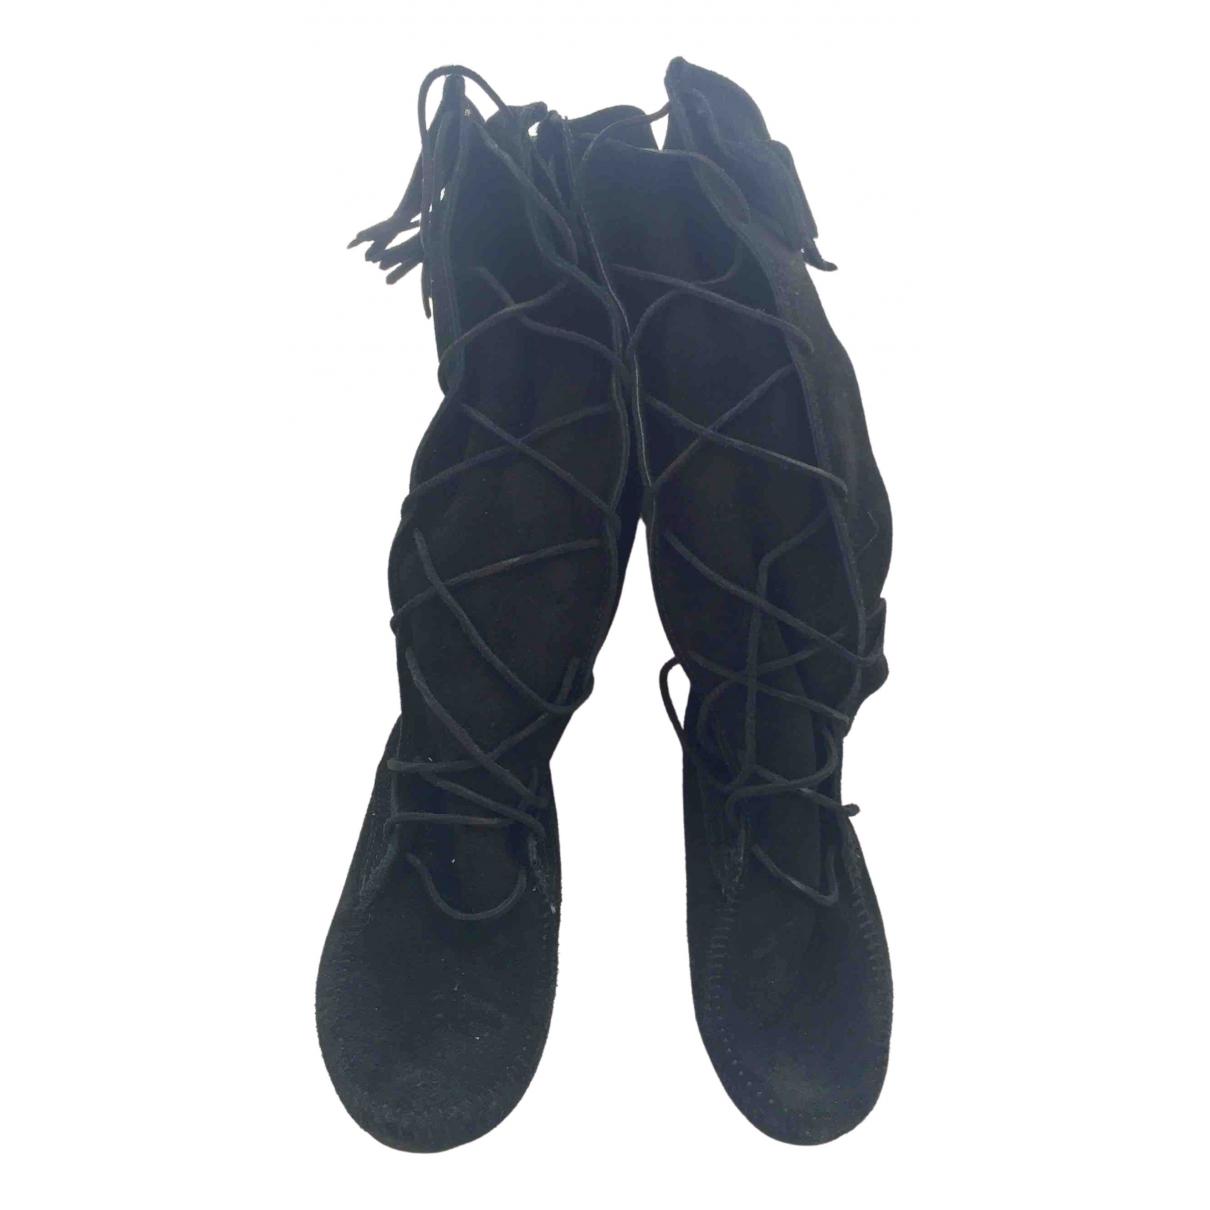 Minnetonka - Bottes   pour femme en cuir - noir